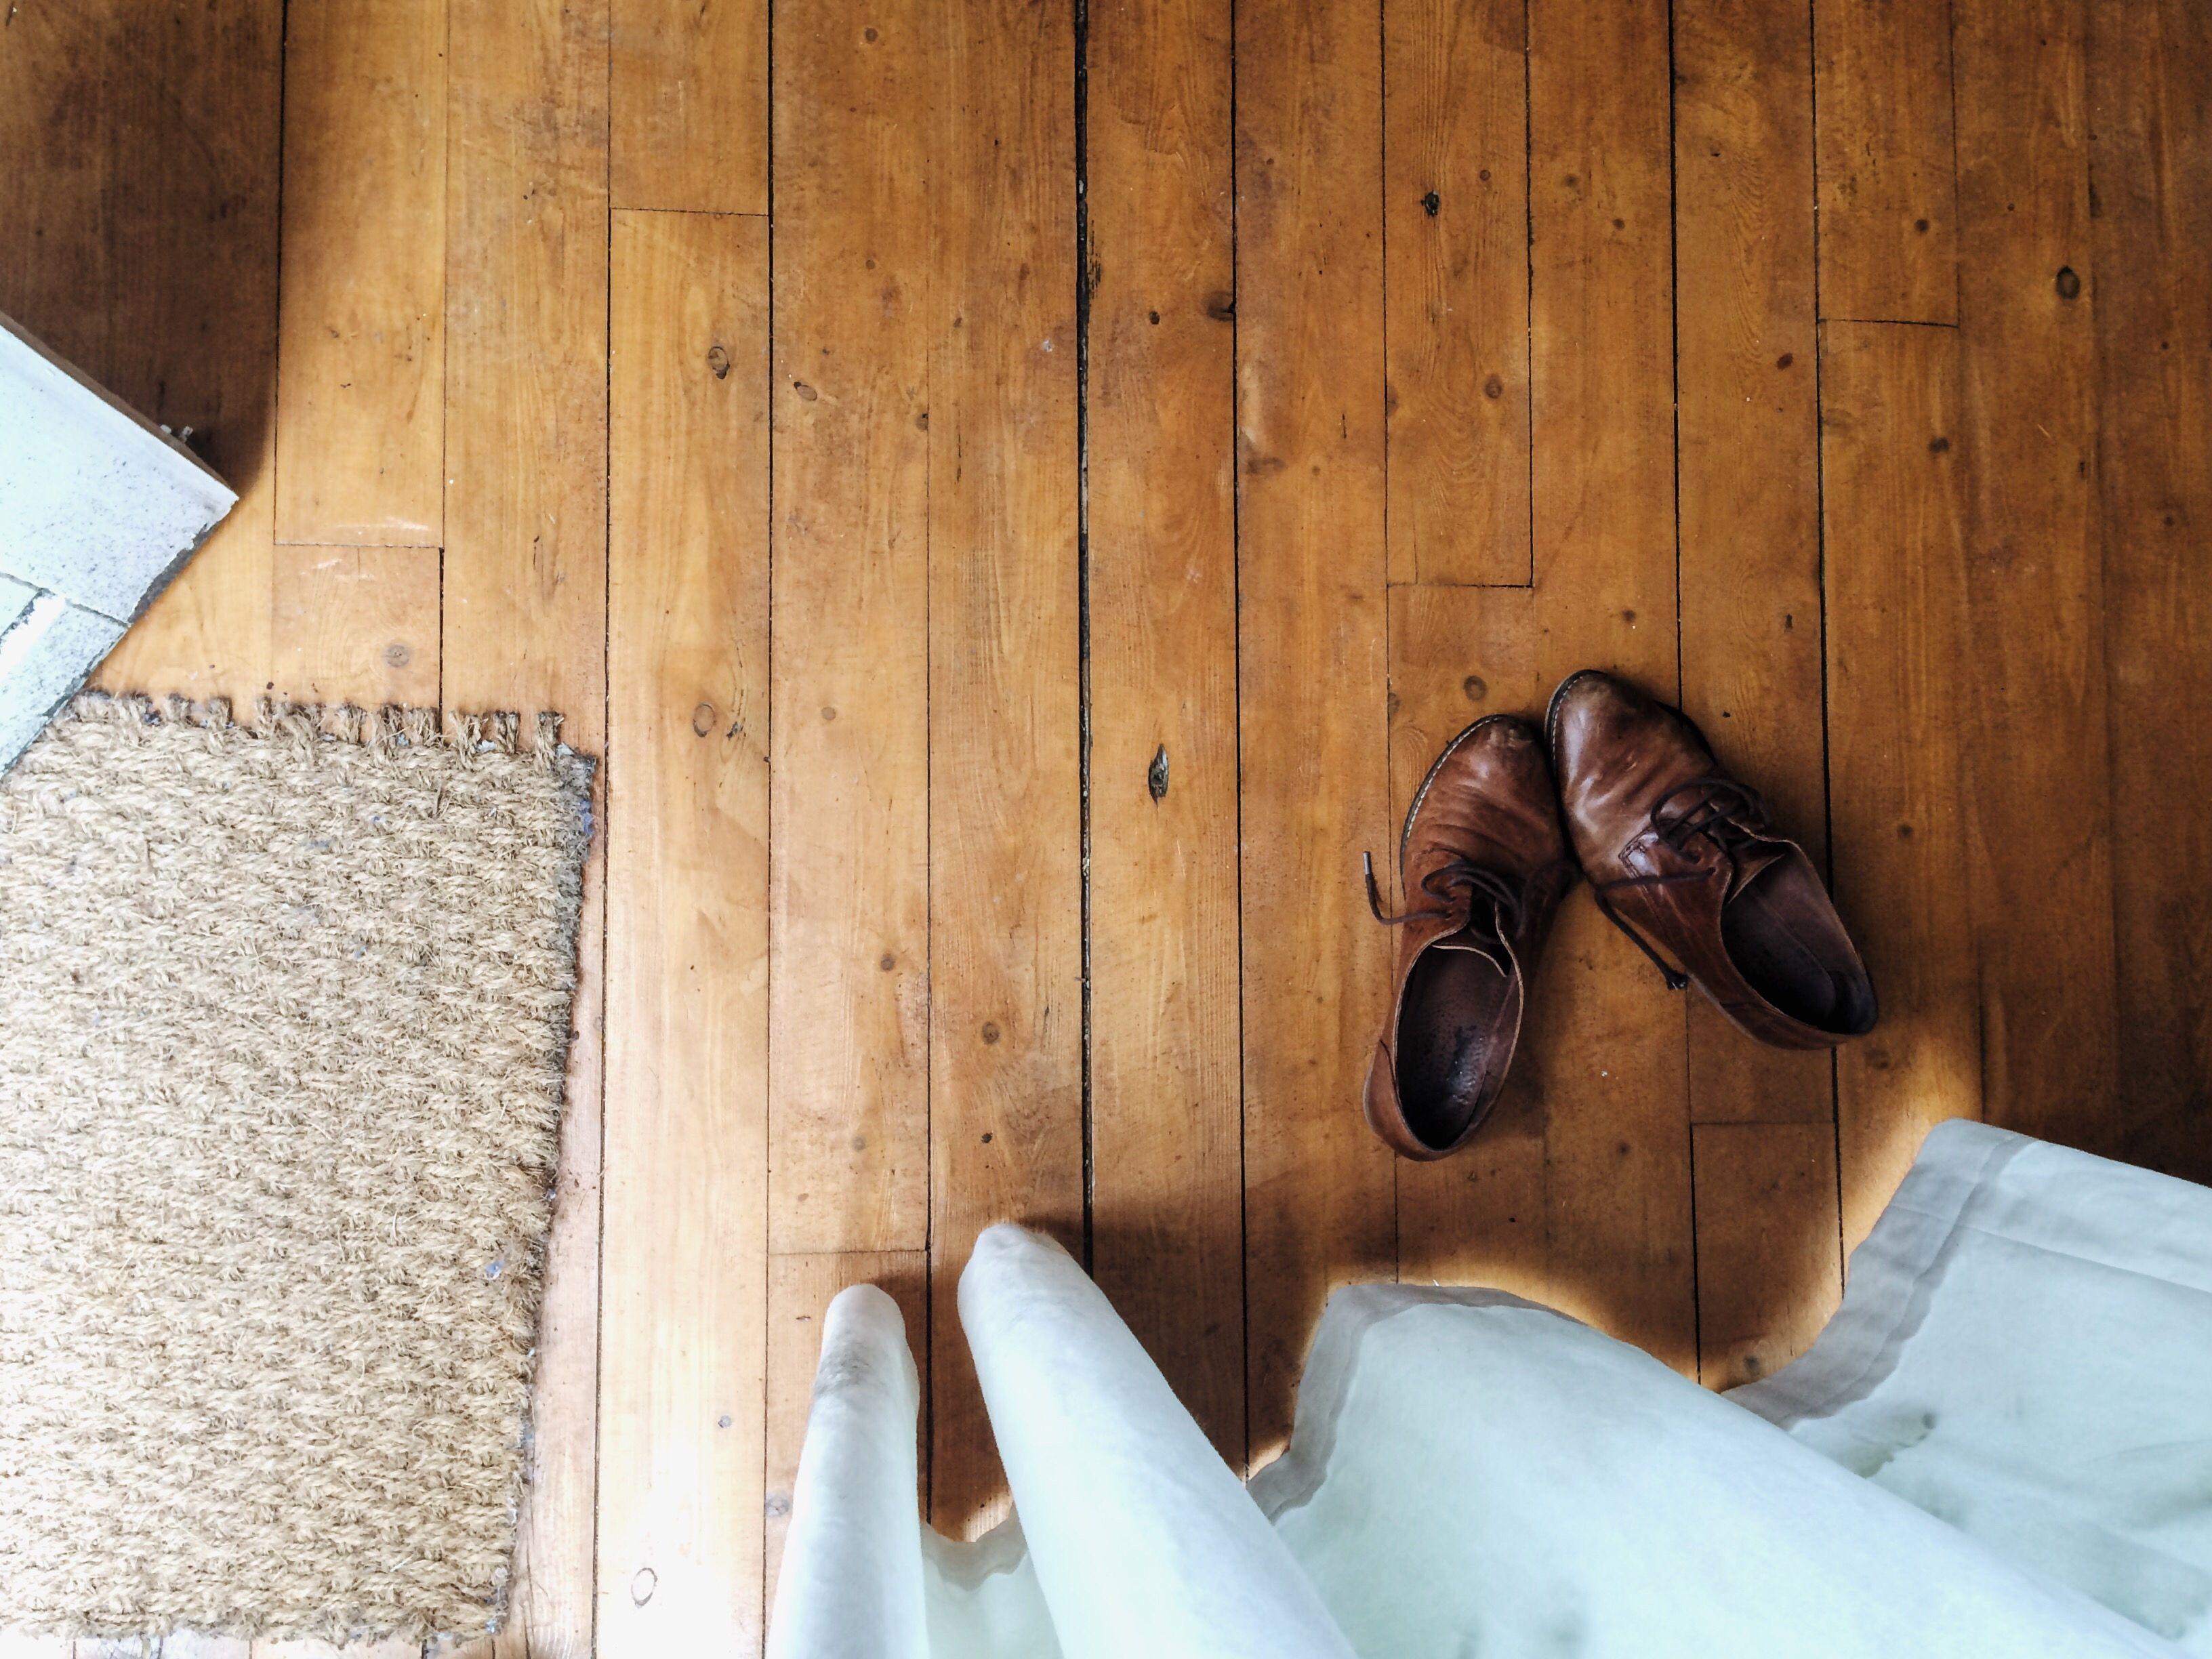 Zapatos de cuero marrón en el piso de la casa